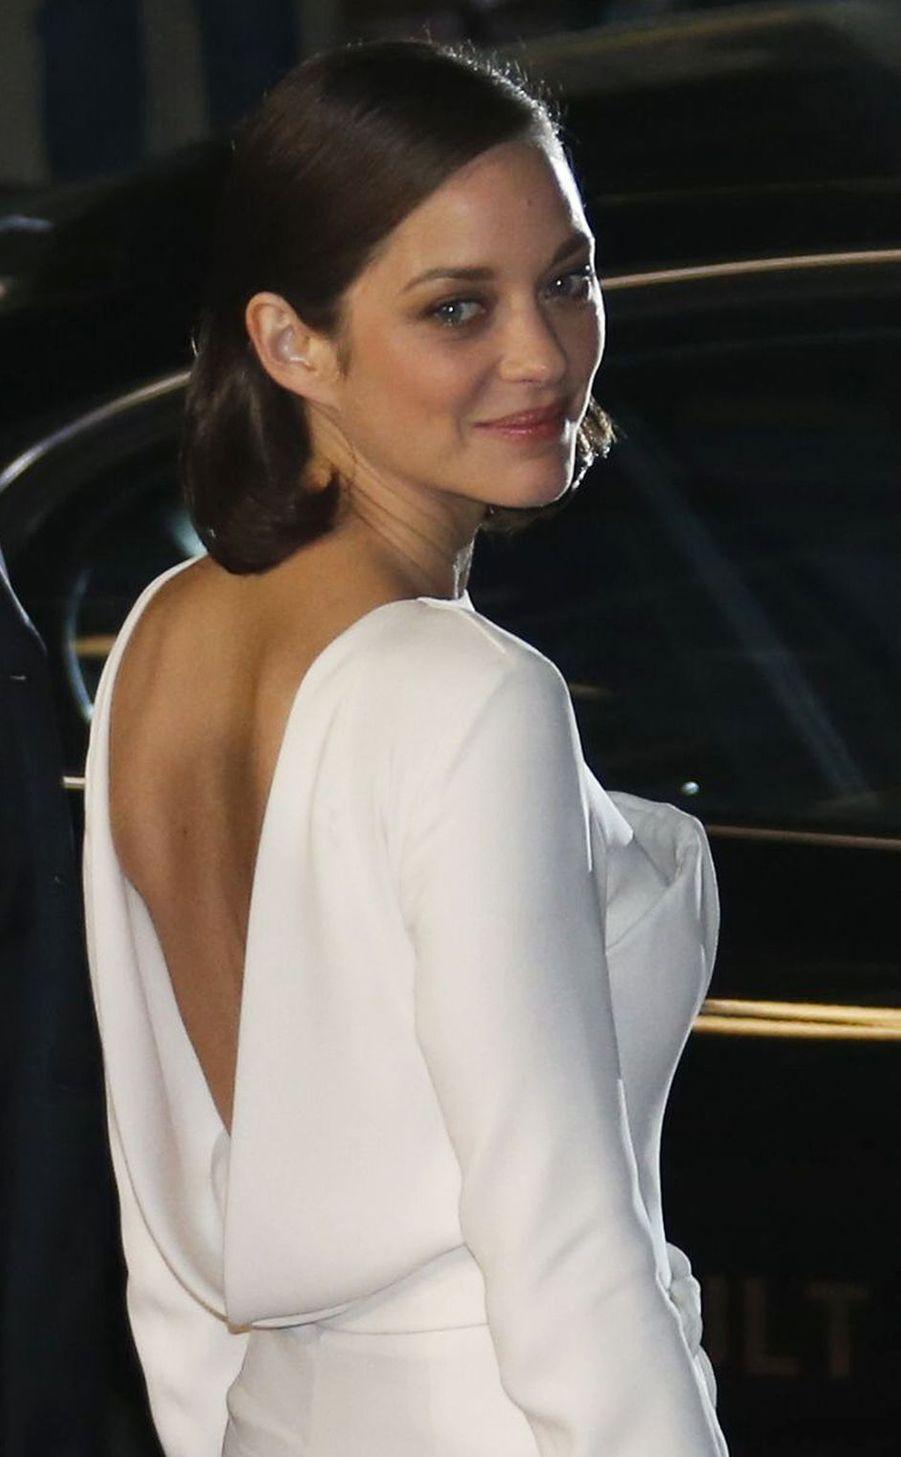 Marion Cotillard au Festival de Cannes en mai 2013